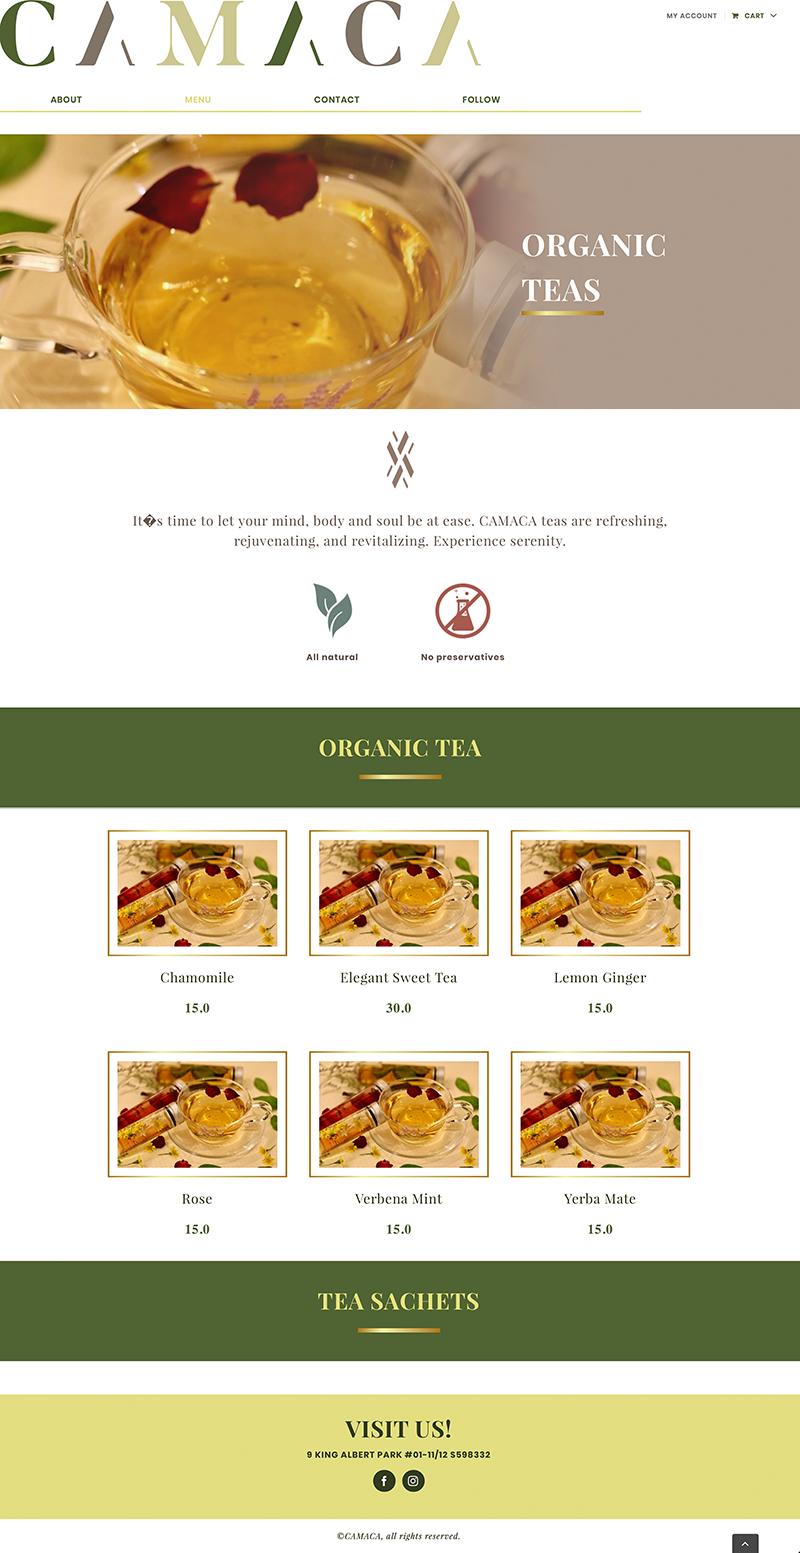 Camaca_Web Design 2018v3-teas.png